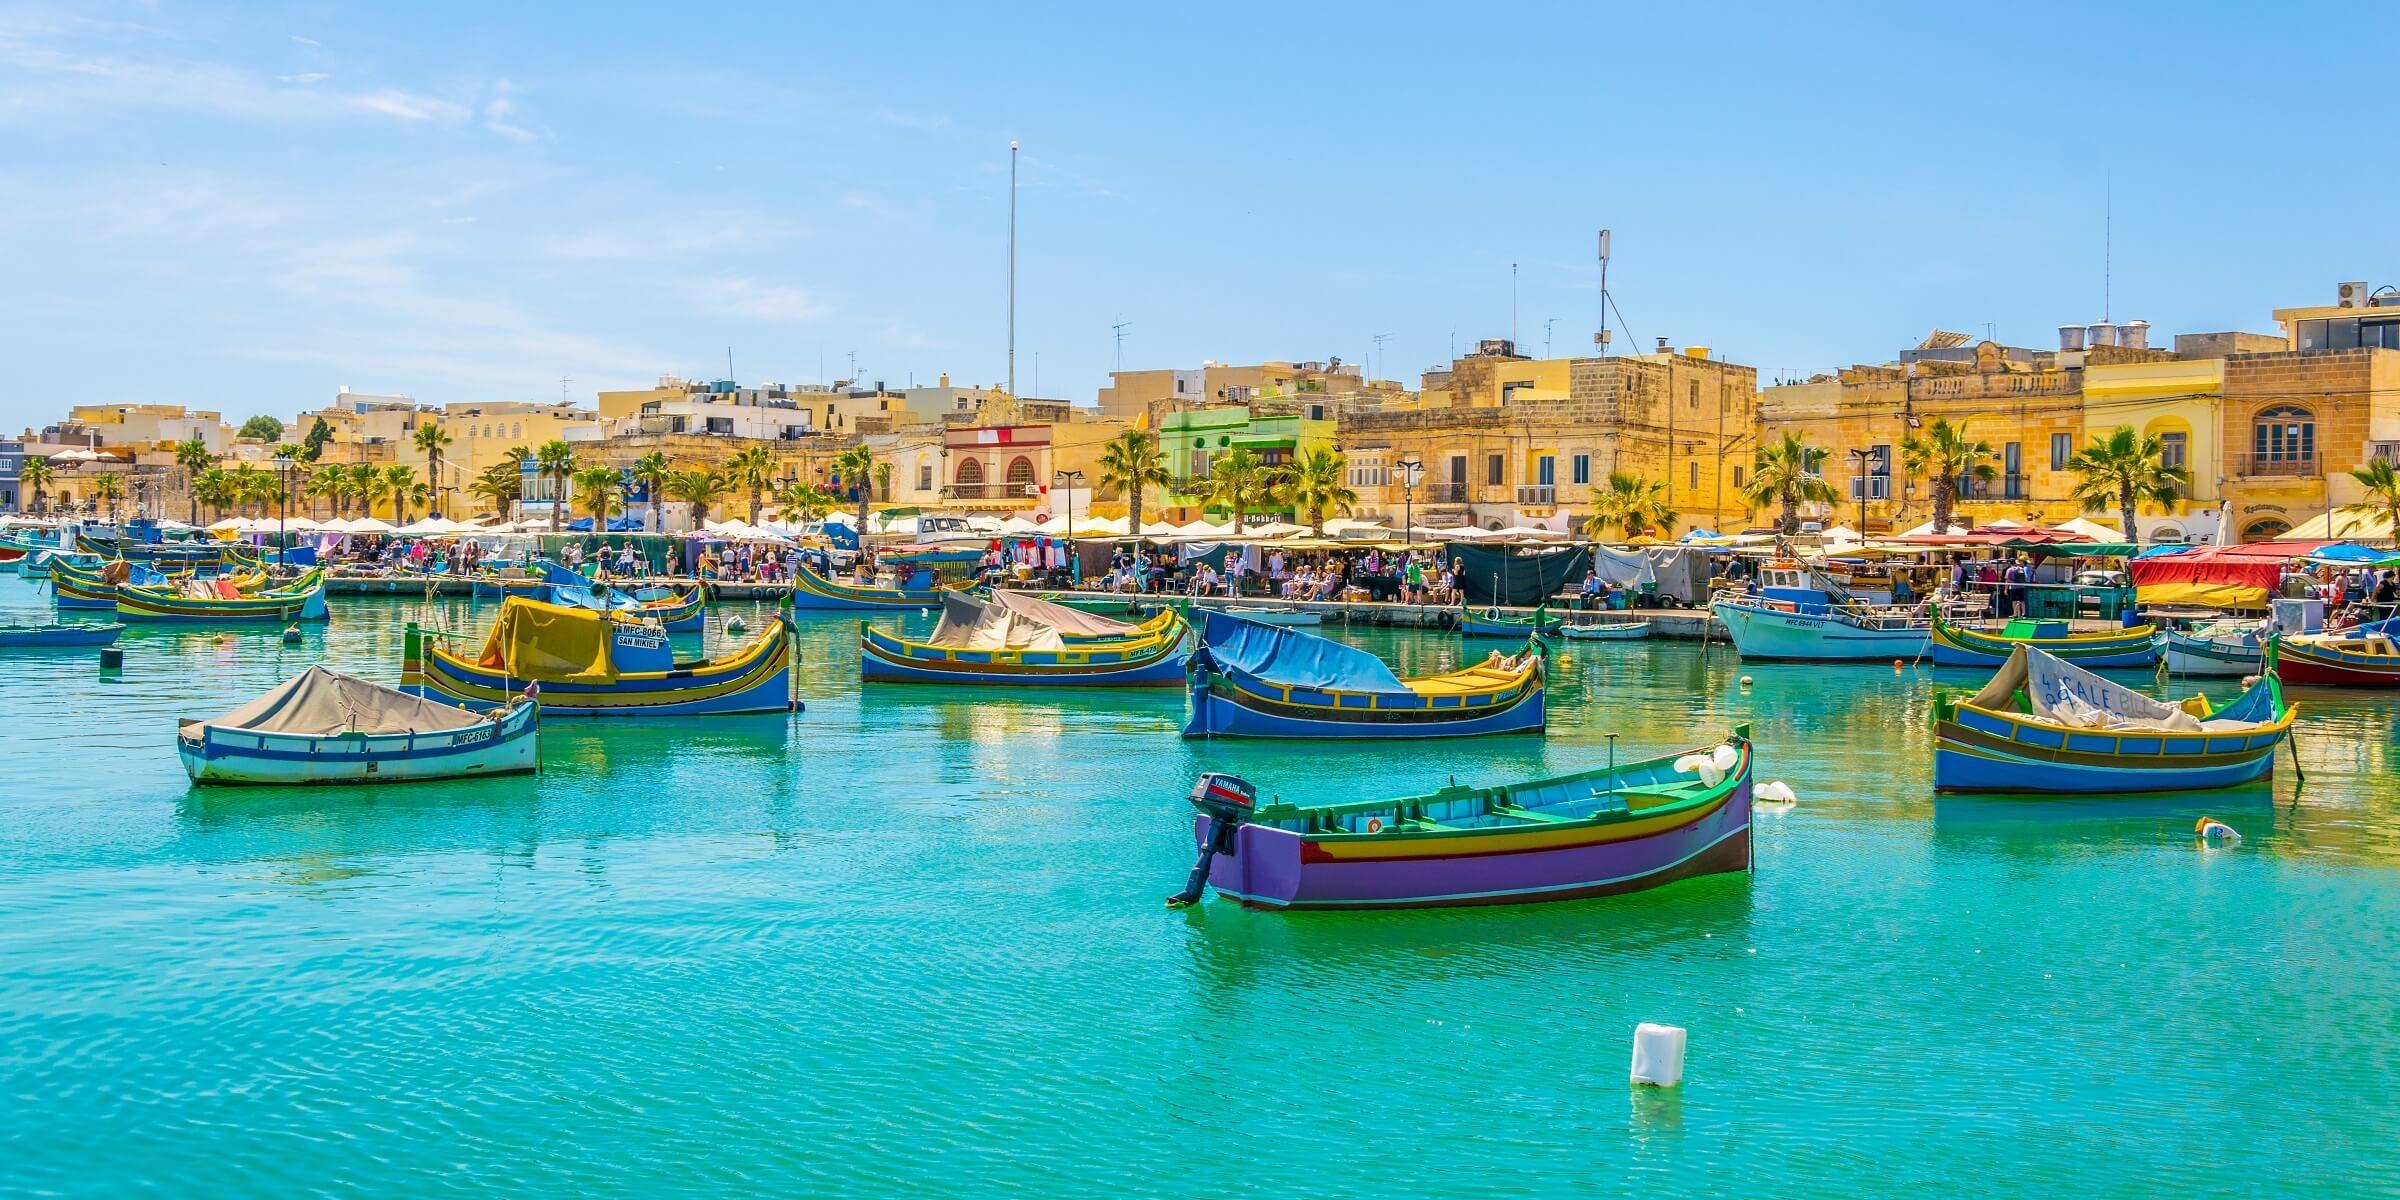 Auf Ihrer Singlereise nach Malta erkunden Sie den malerischen Hafen von Marsaxlokk